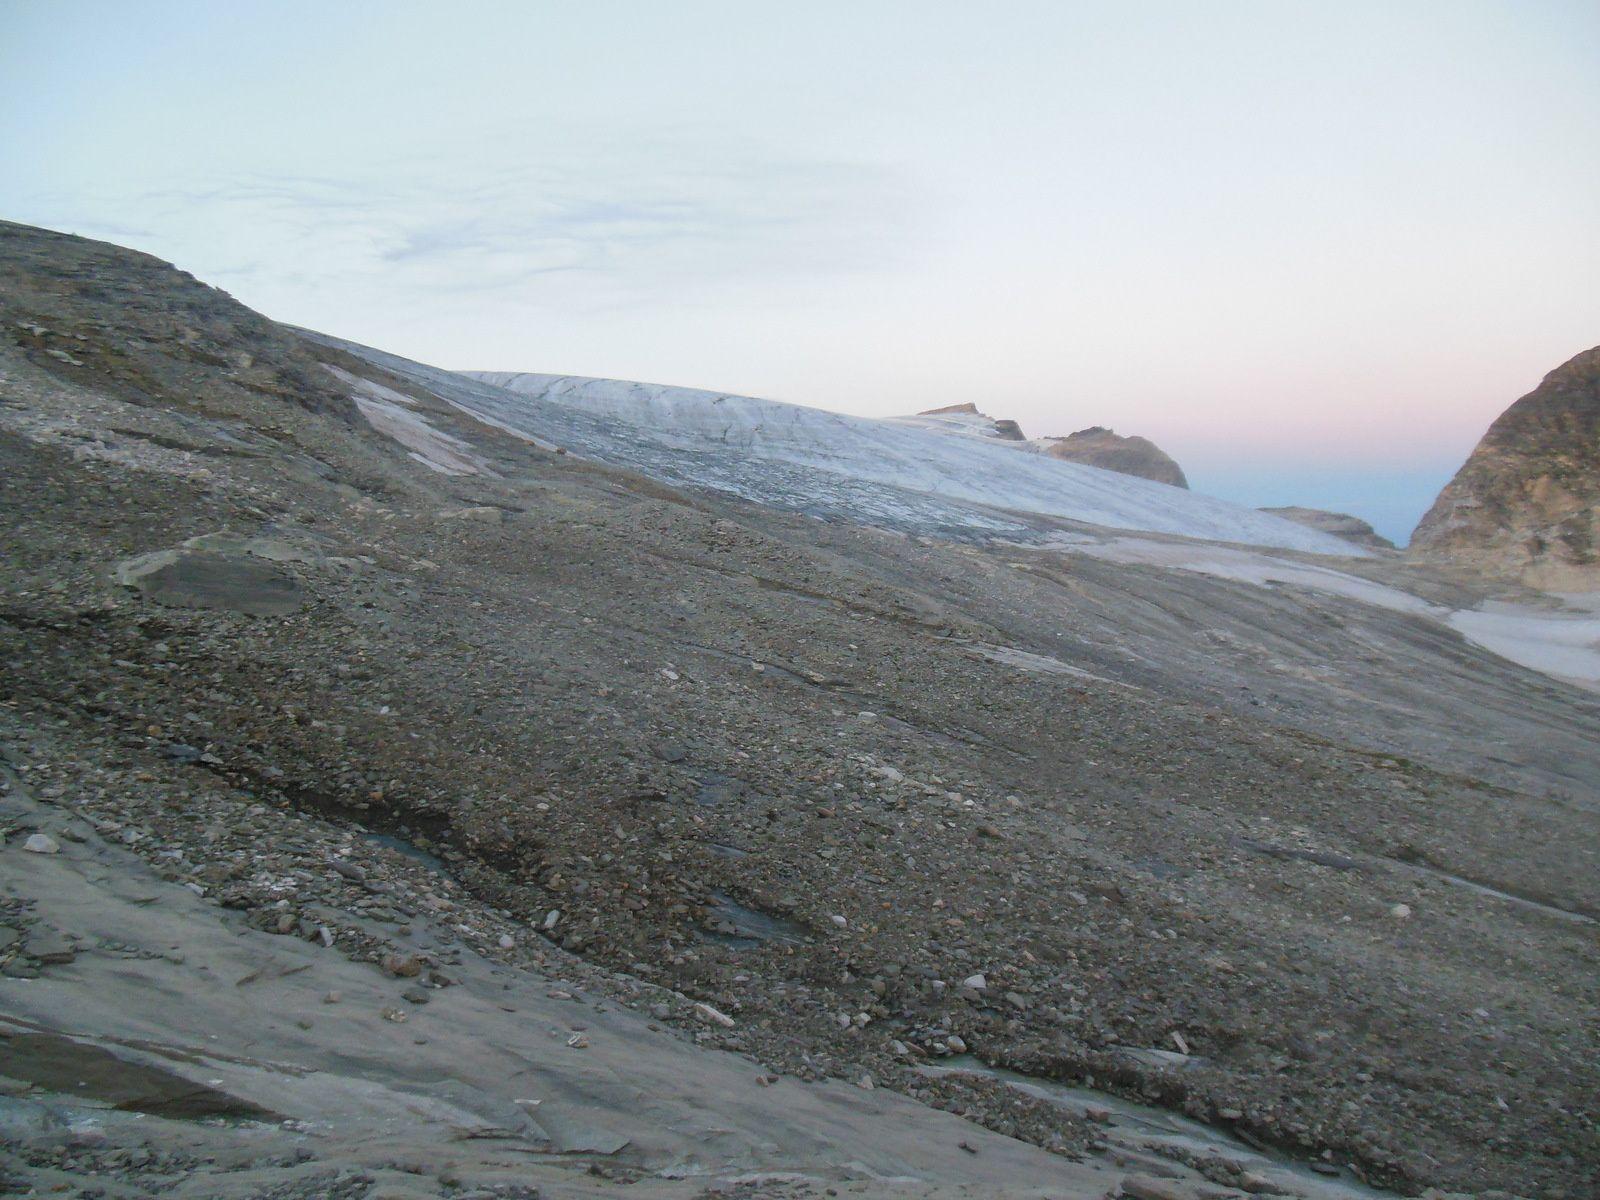 Ascension du Dard et de la Roche Ferran du 23 août (crédit photo : C.)